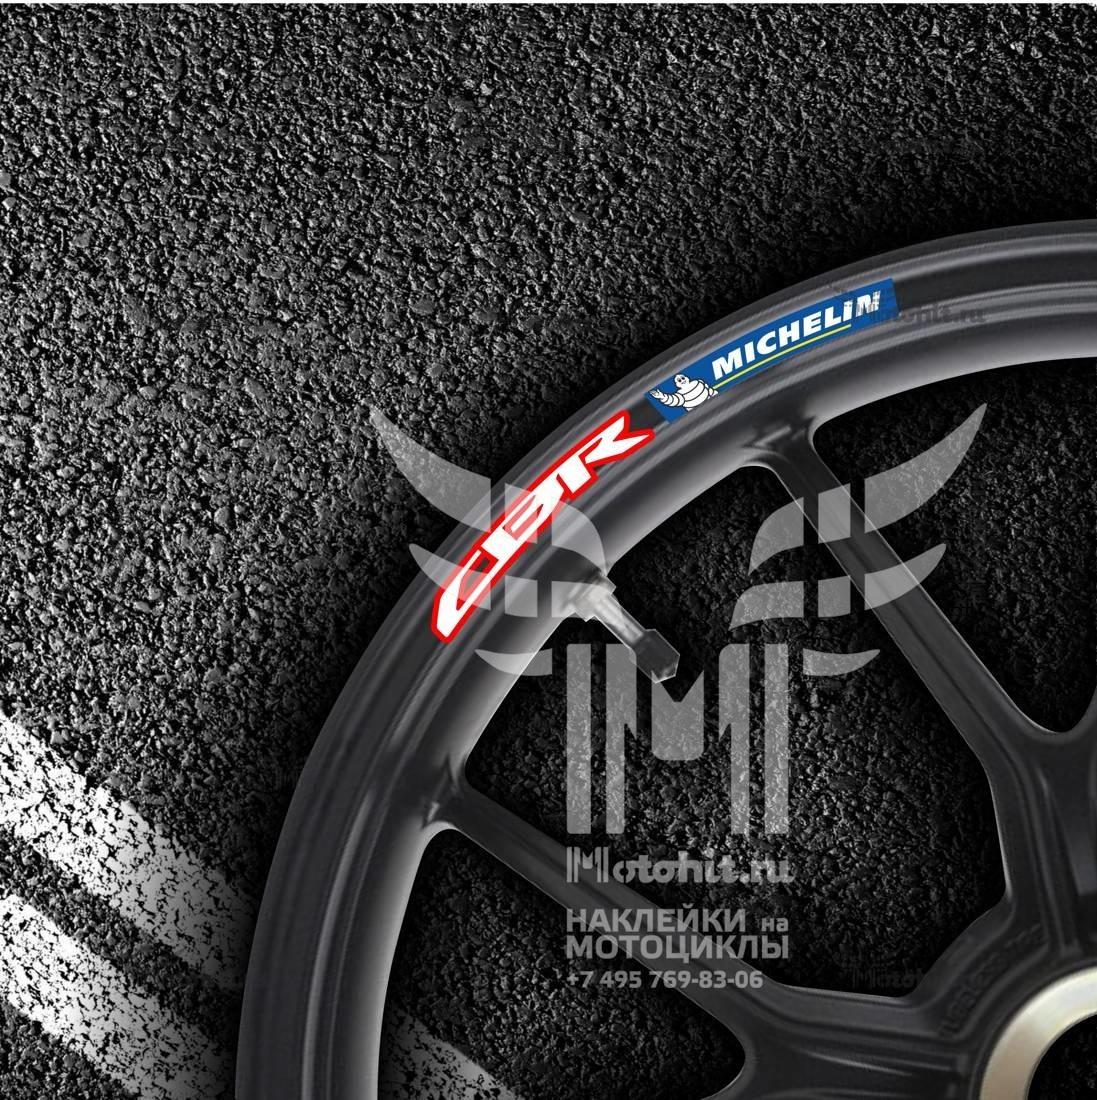 Комплект наклеек на обод колеса мотоцикла HONDA CBR-MICHELIN